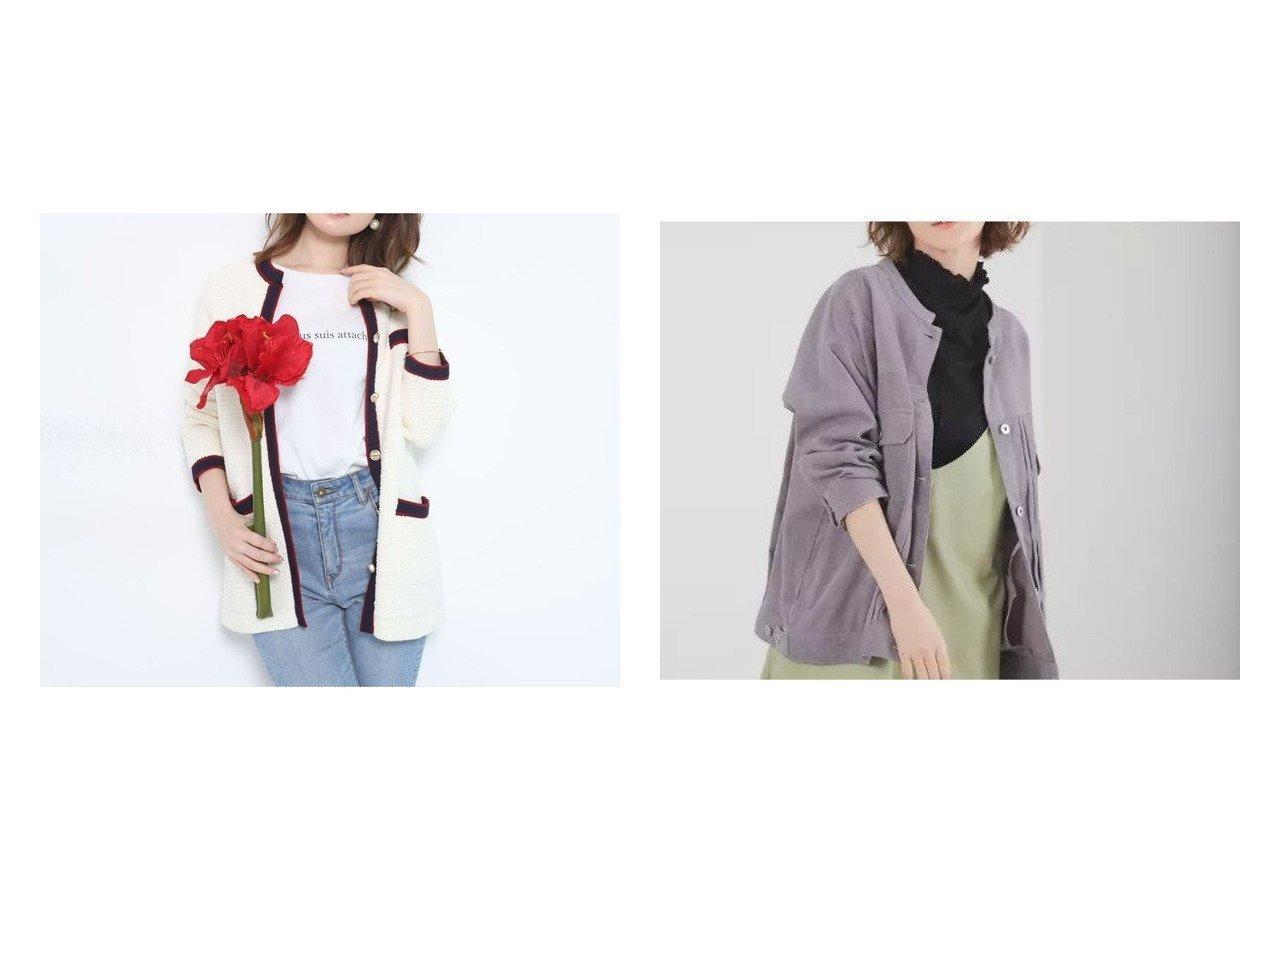 【abahouse mavie/アバハウスマヴィ】の【EC先行予約】ecru ライスコールブルゾン&【Apuweiser-riche/アプワイザーリッシェ】の配色ニットツイードジャケット アウターのおすすめ!人気、トレンド・レディースファッションの通販 おすすめで人気の流行・トレンド、ファッションの通販商品 メンズファッション・キッズファッション・インテリア・家具・レディースファッション・服の通販 founy(ファニー) https://founy.com/ ファッション Fashion レディースファッション WOMEN アウター Coat Outerwear ジャケット Jackets ブルゾン Blouson Jackets 2021年 2021 2021 春夏 S/S SS Spring/Summer 2021 S/S 春夏 SS Spring/Summer エレガント ジャケット ツイード 春 Spring |ID:crp329100000016360